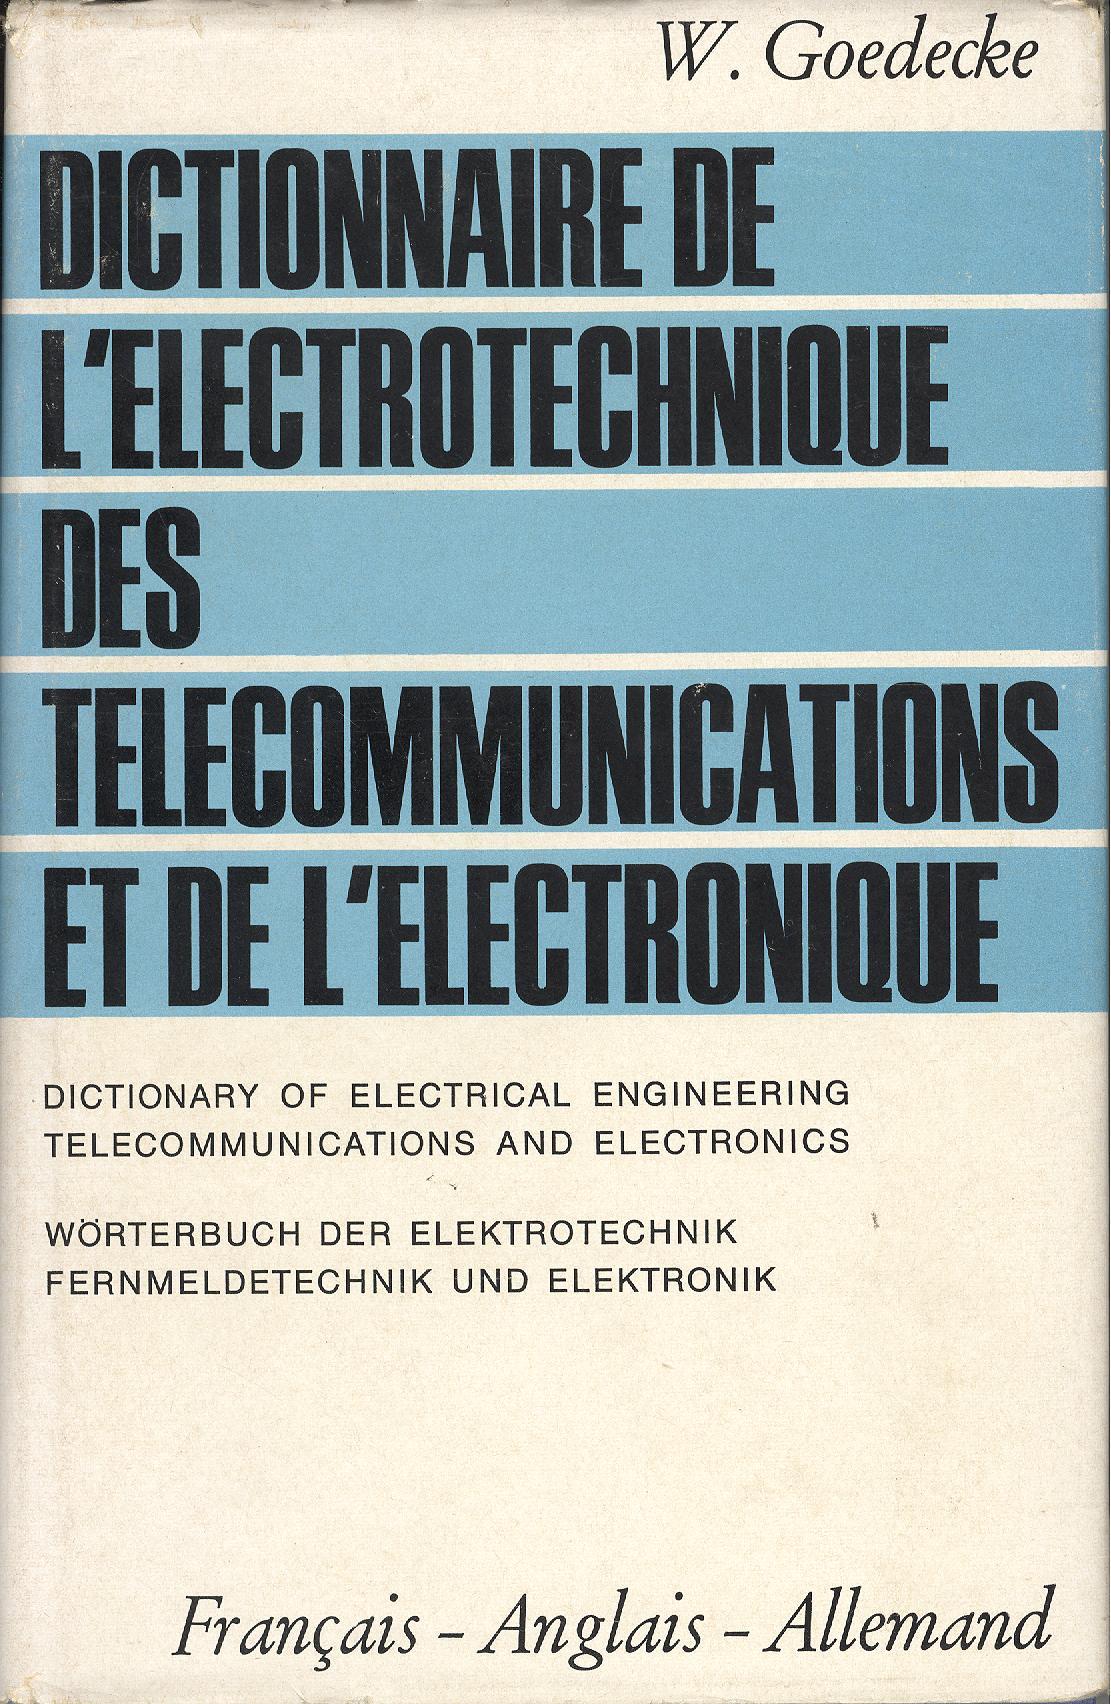 Dictionnaire de l'électrotechnique, des télécommunications et de l'électronique - Tome II